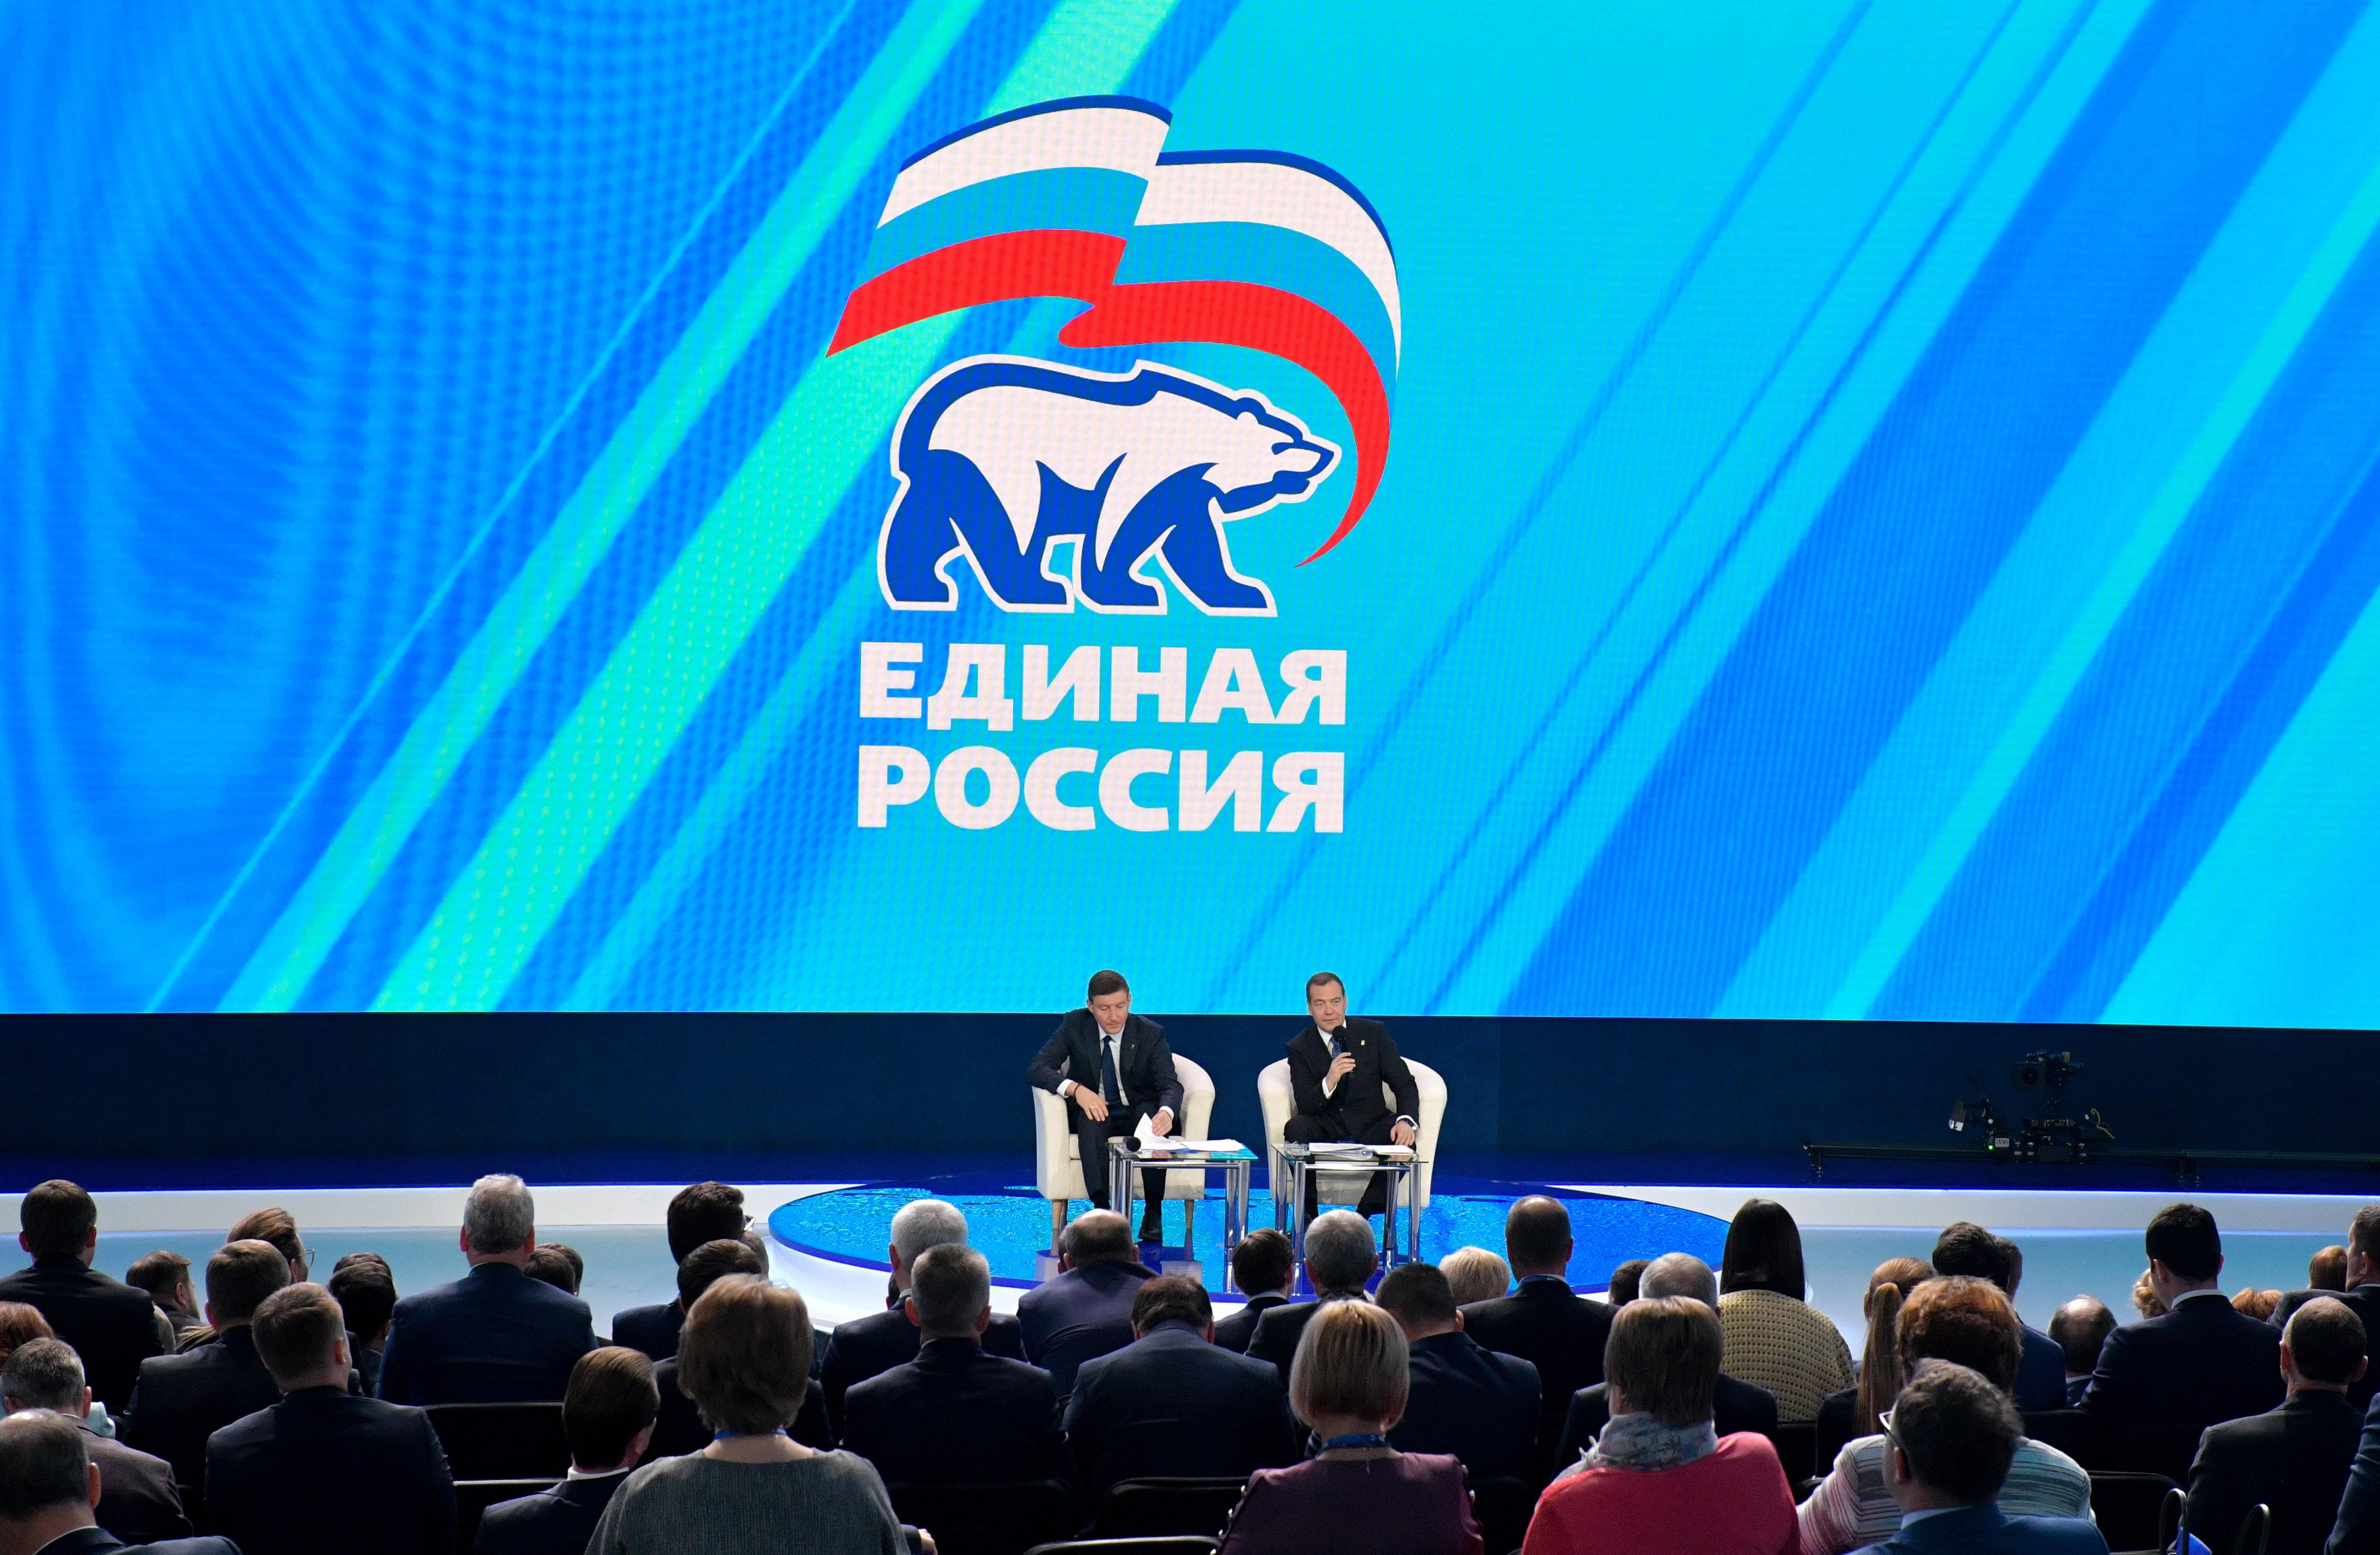 СМИ предсказали острую борьбу на праймериз Единой России в ряде регионов